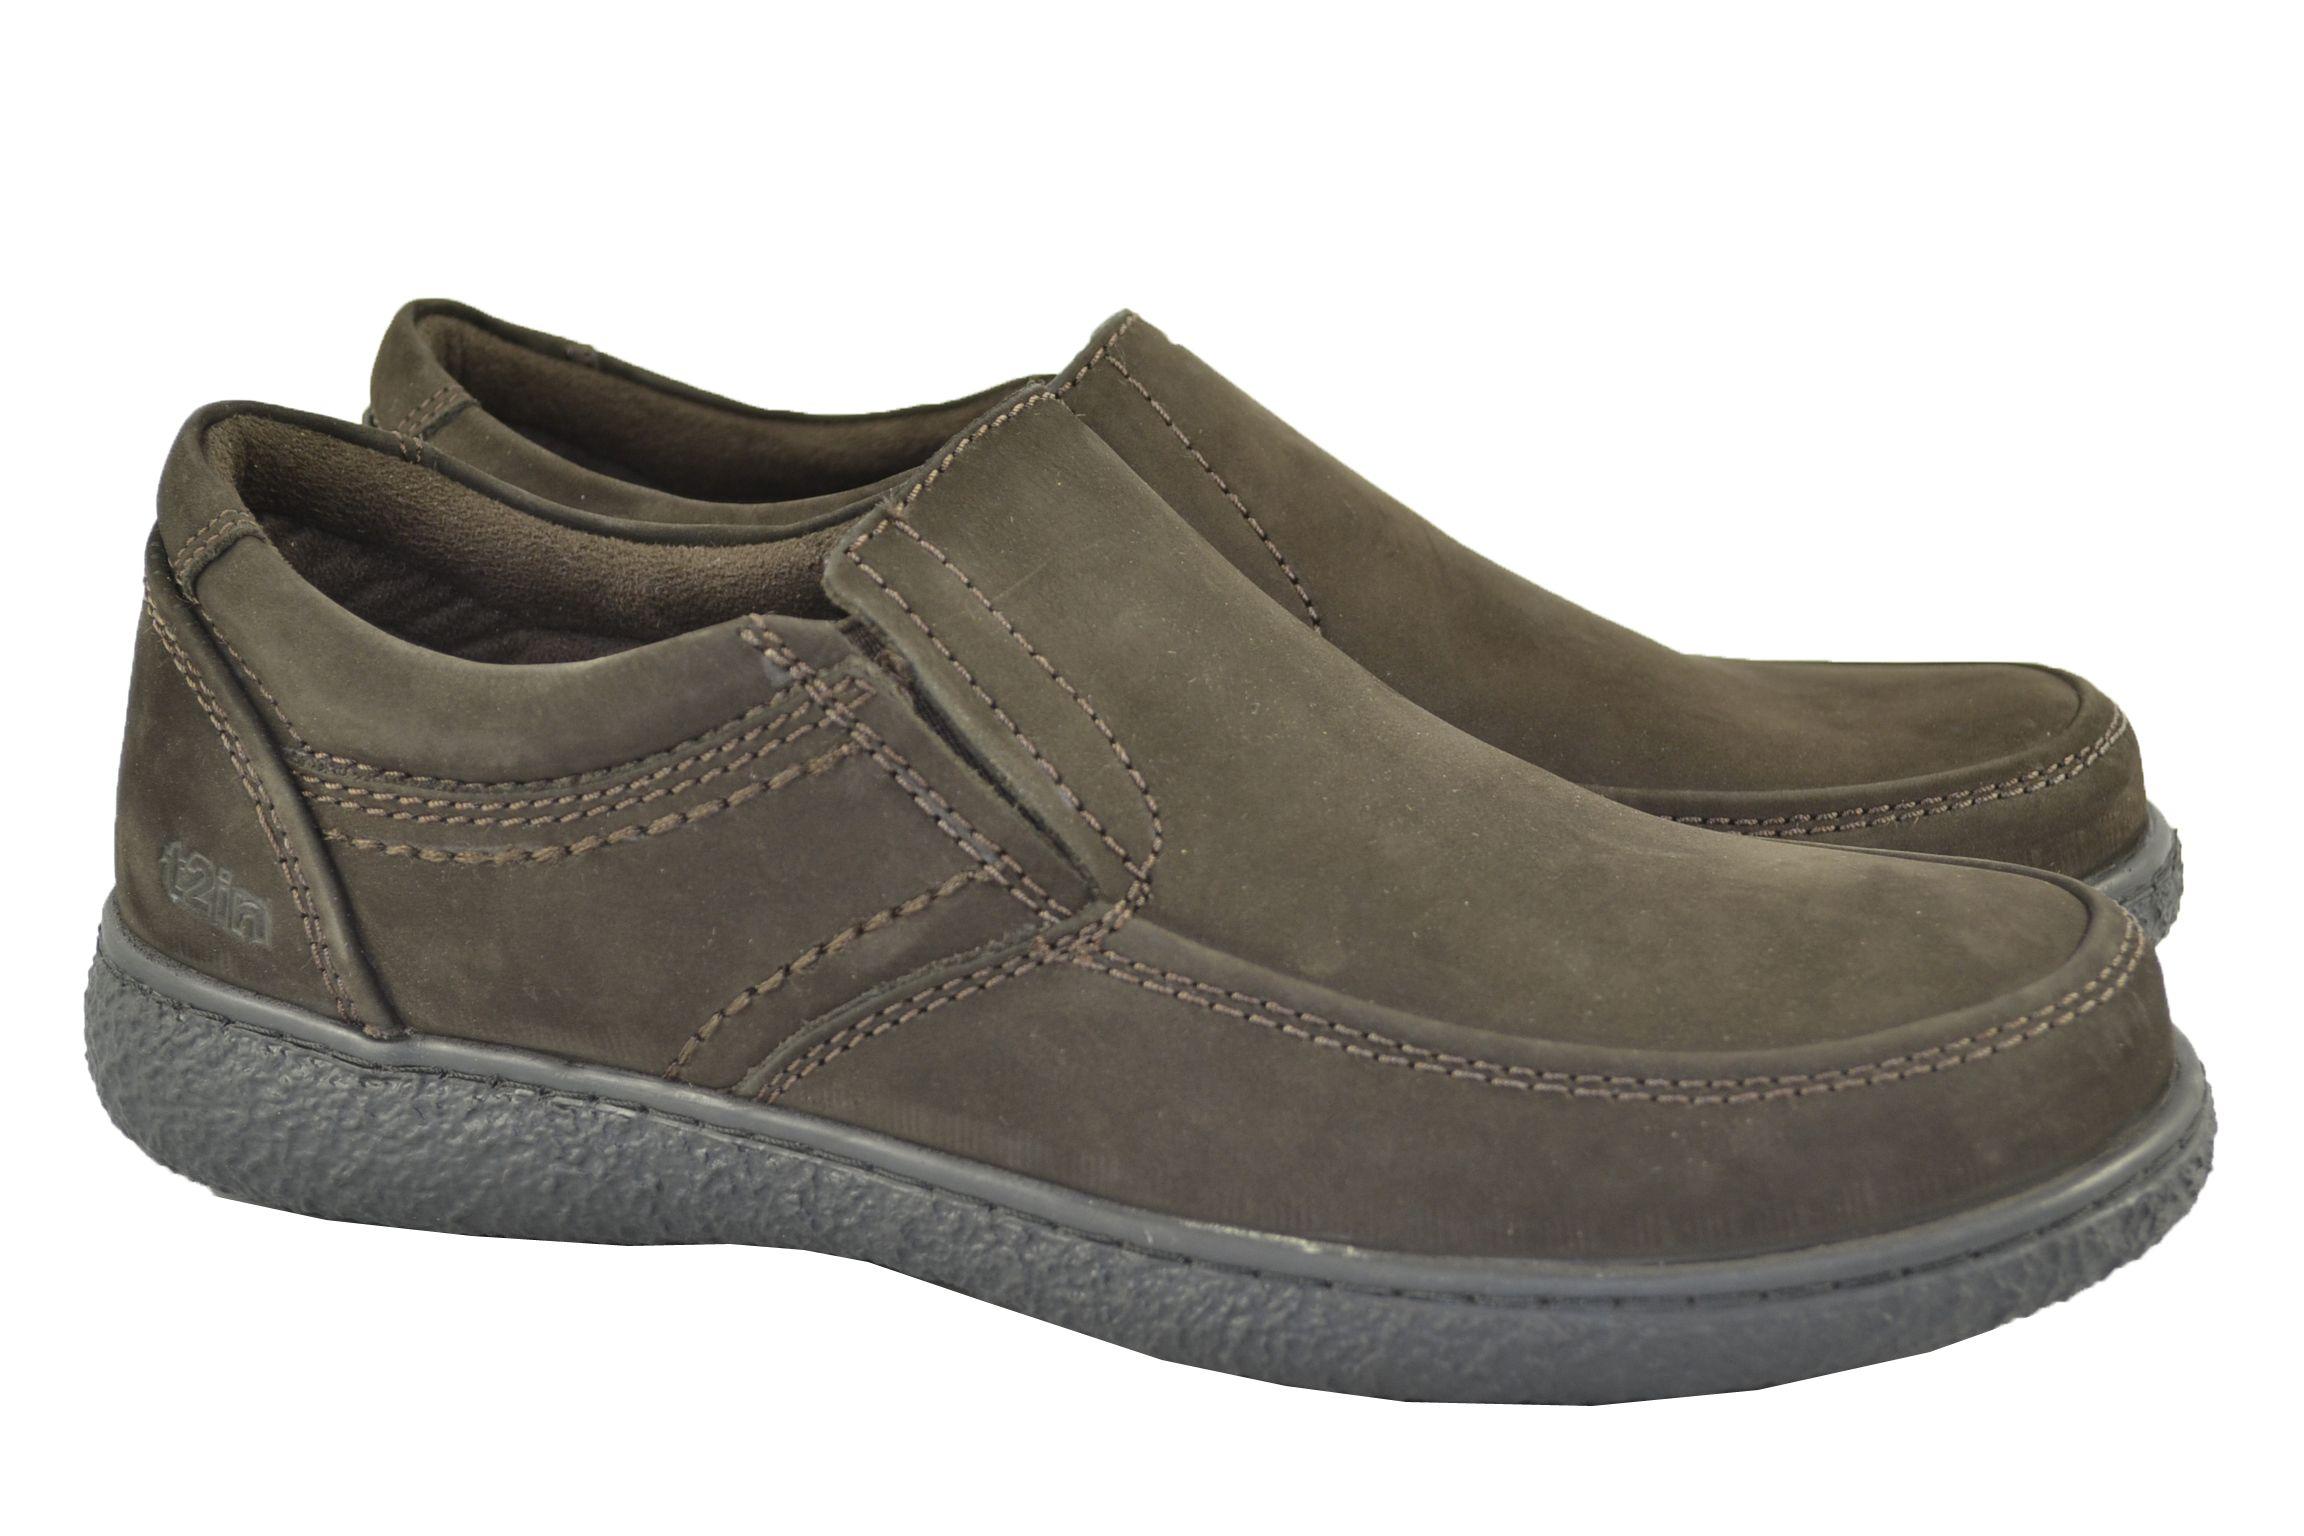 Zapatos sin cordones de look casual muy sport 69375464d6b